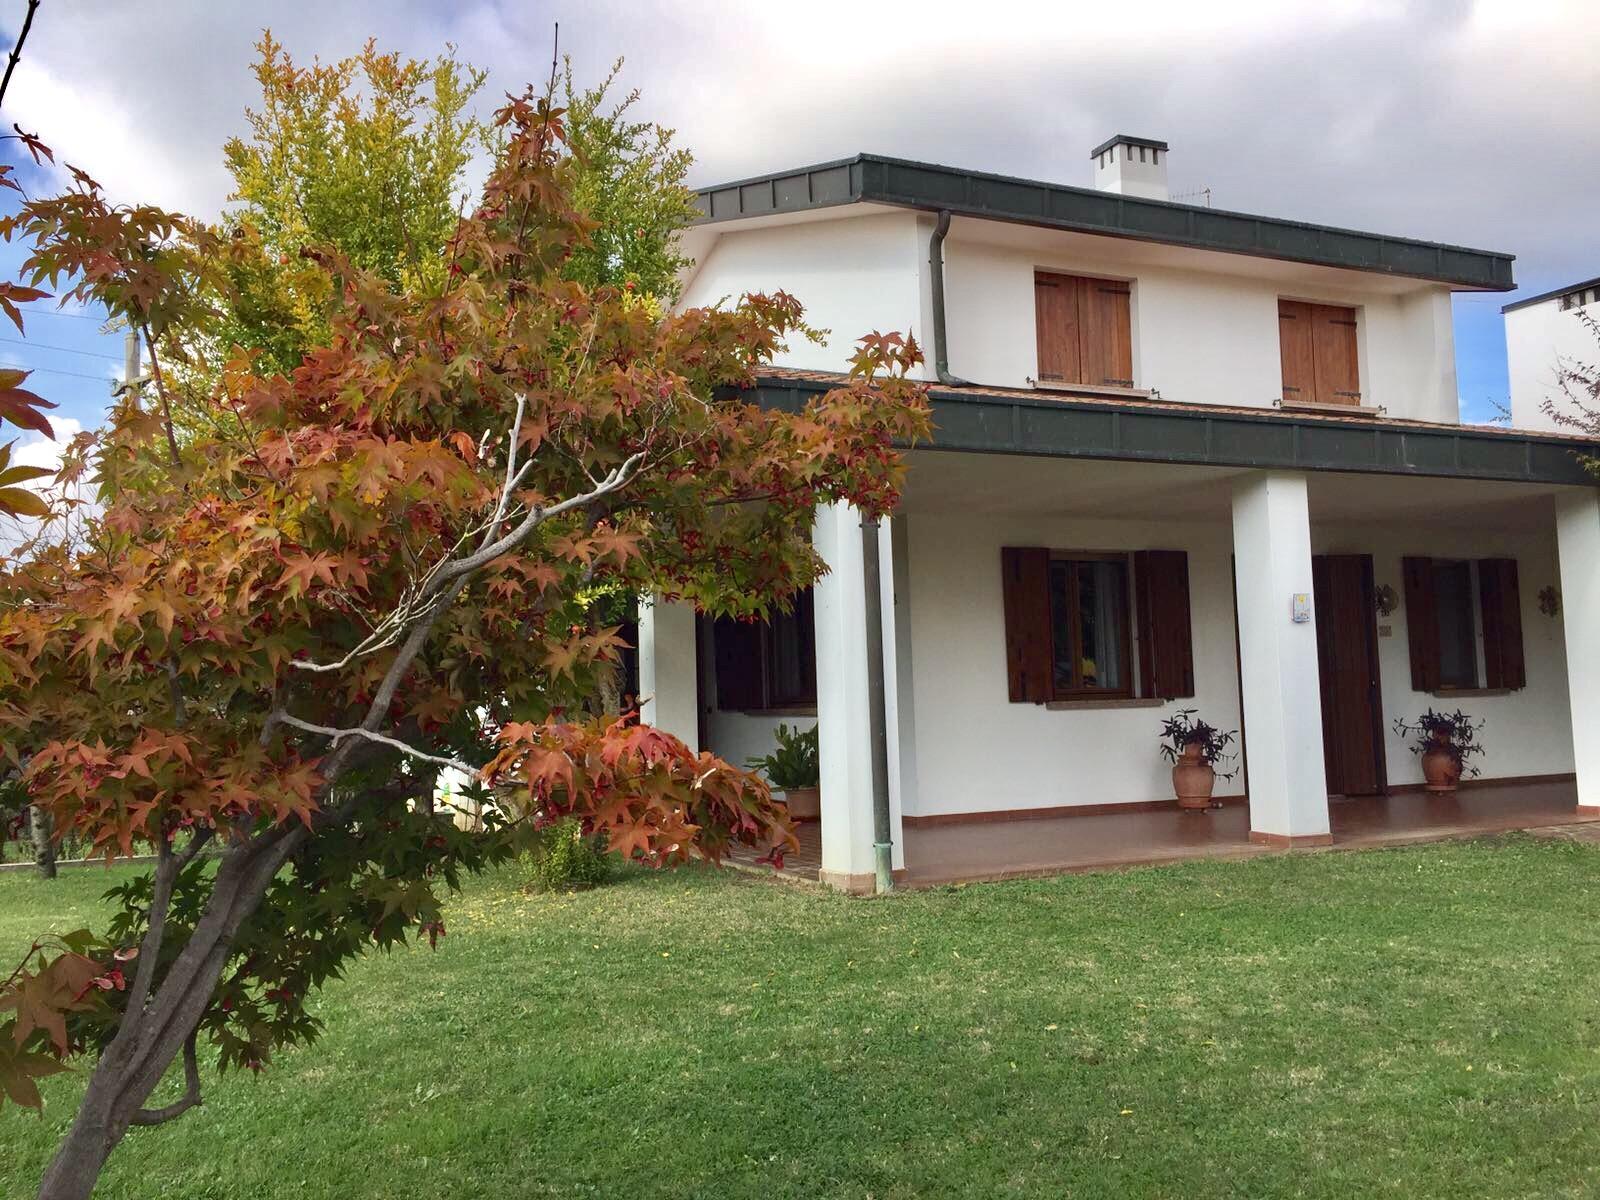 Villa in vendita a Silea, 16 locali, zona Località: S.Elena, prezzo € 320.000 | CambioCasa.it